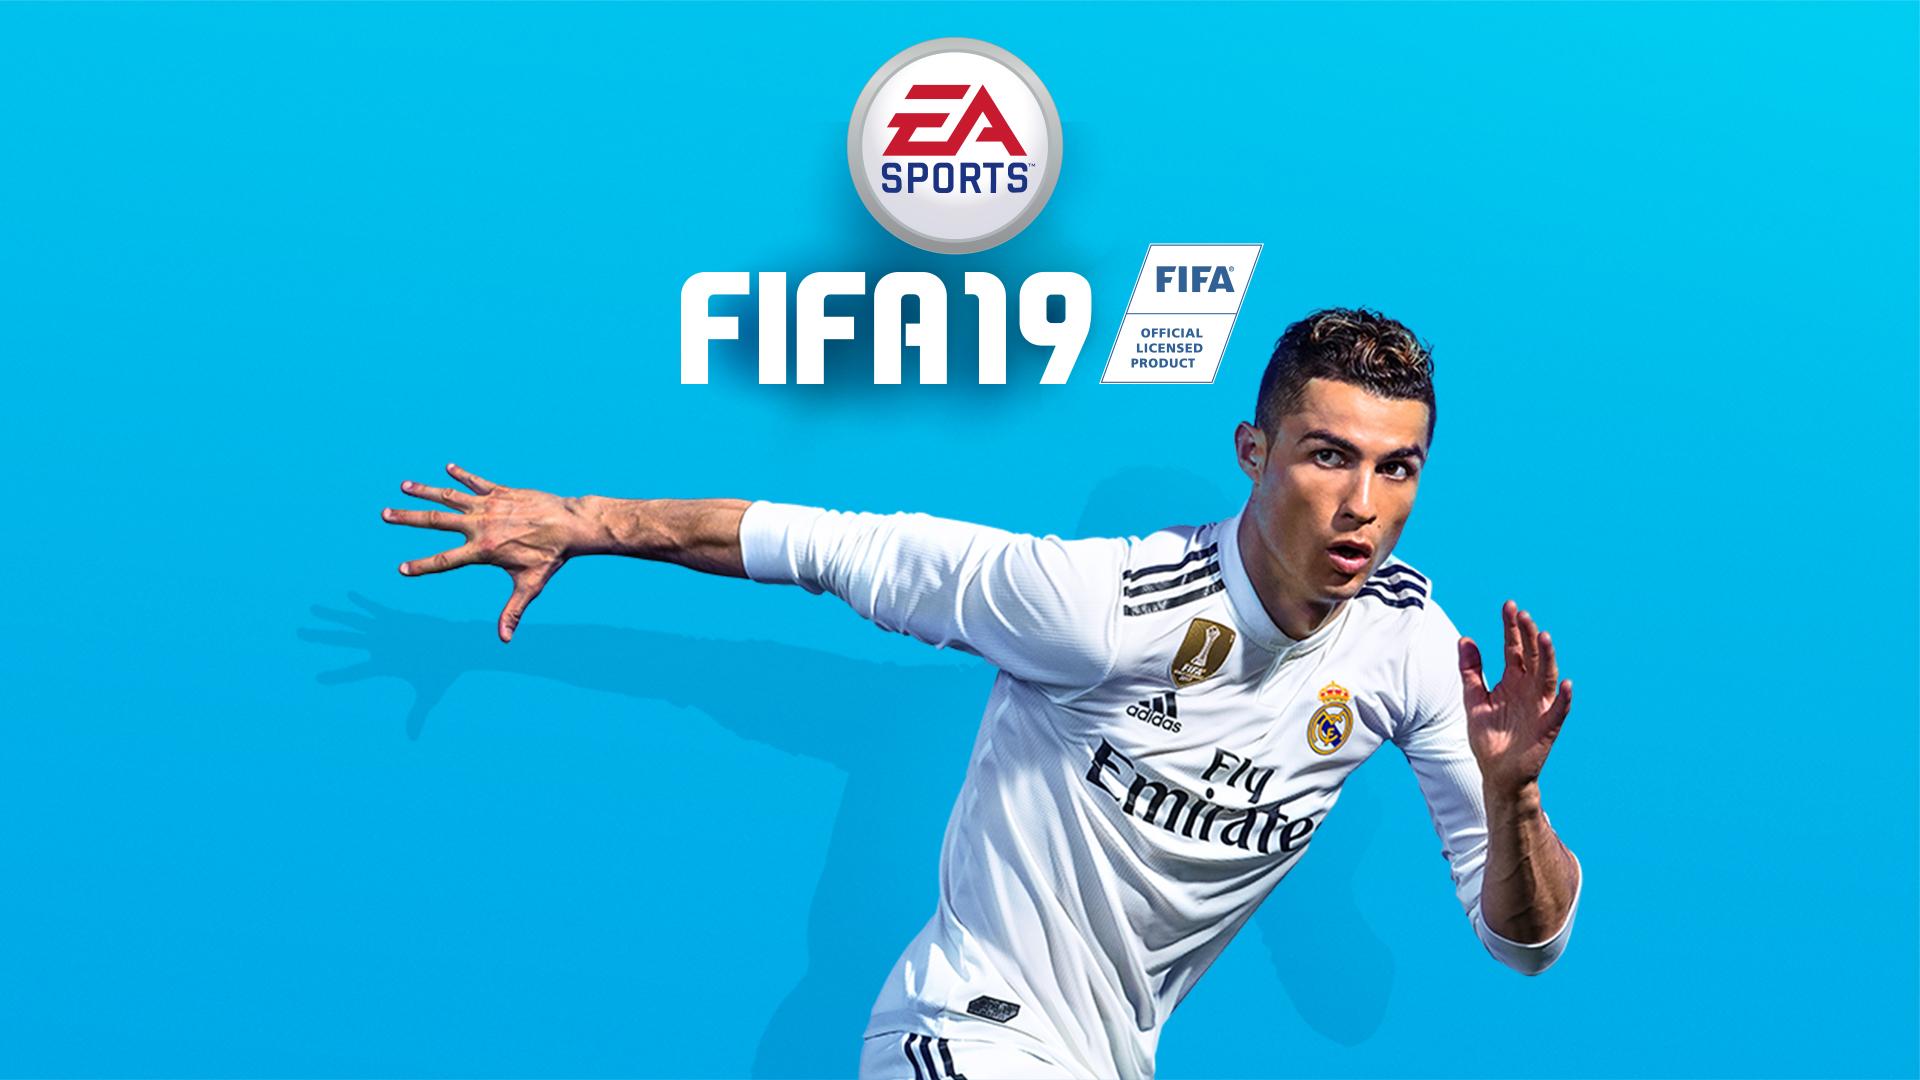 افزایش تعداد و مبلغ جوایز FIFA19 در جام قهرمانان بازیهای ویدیویی